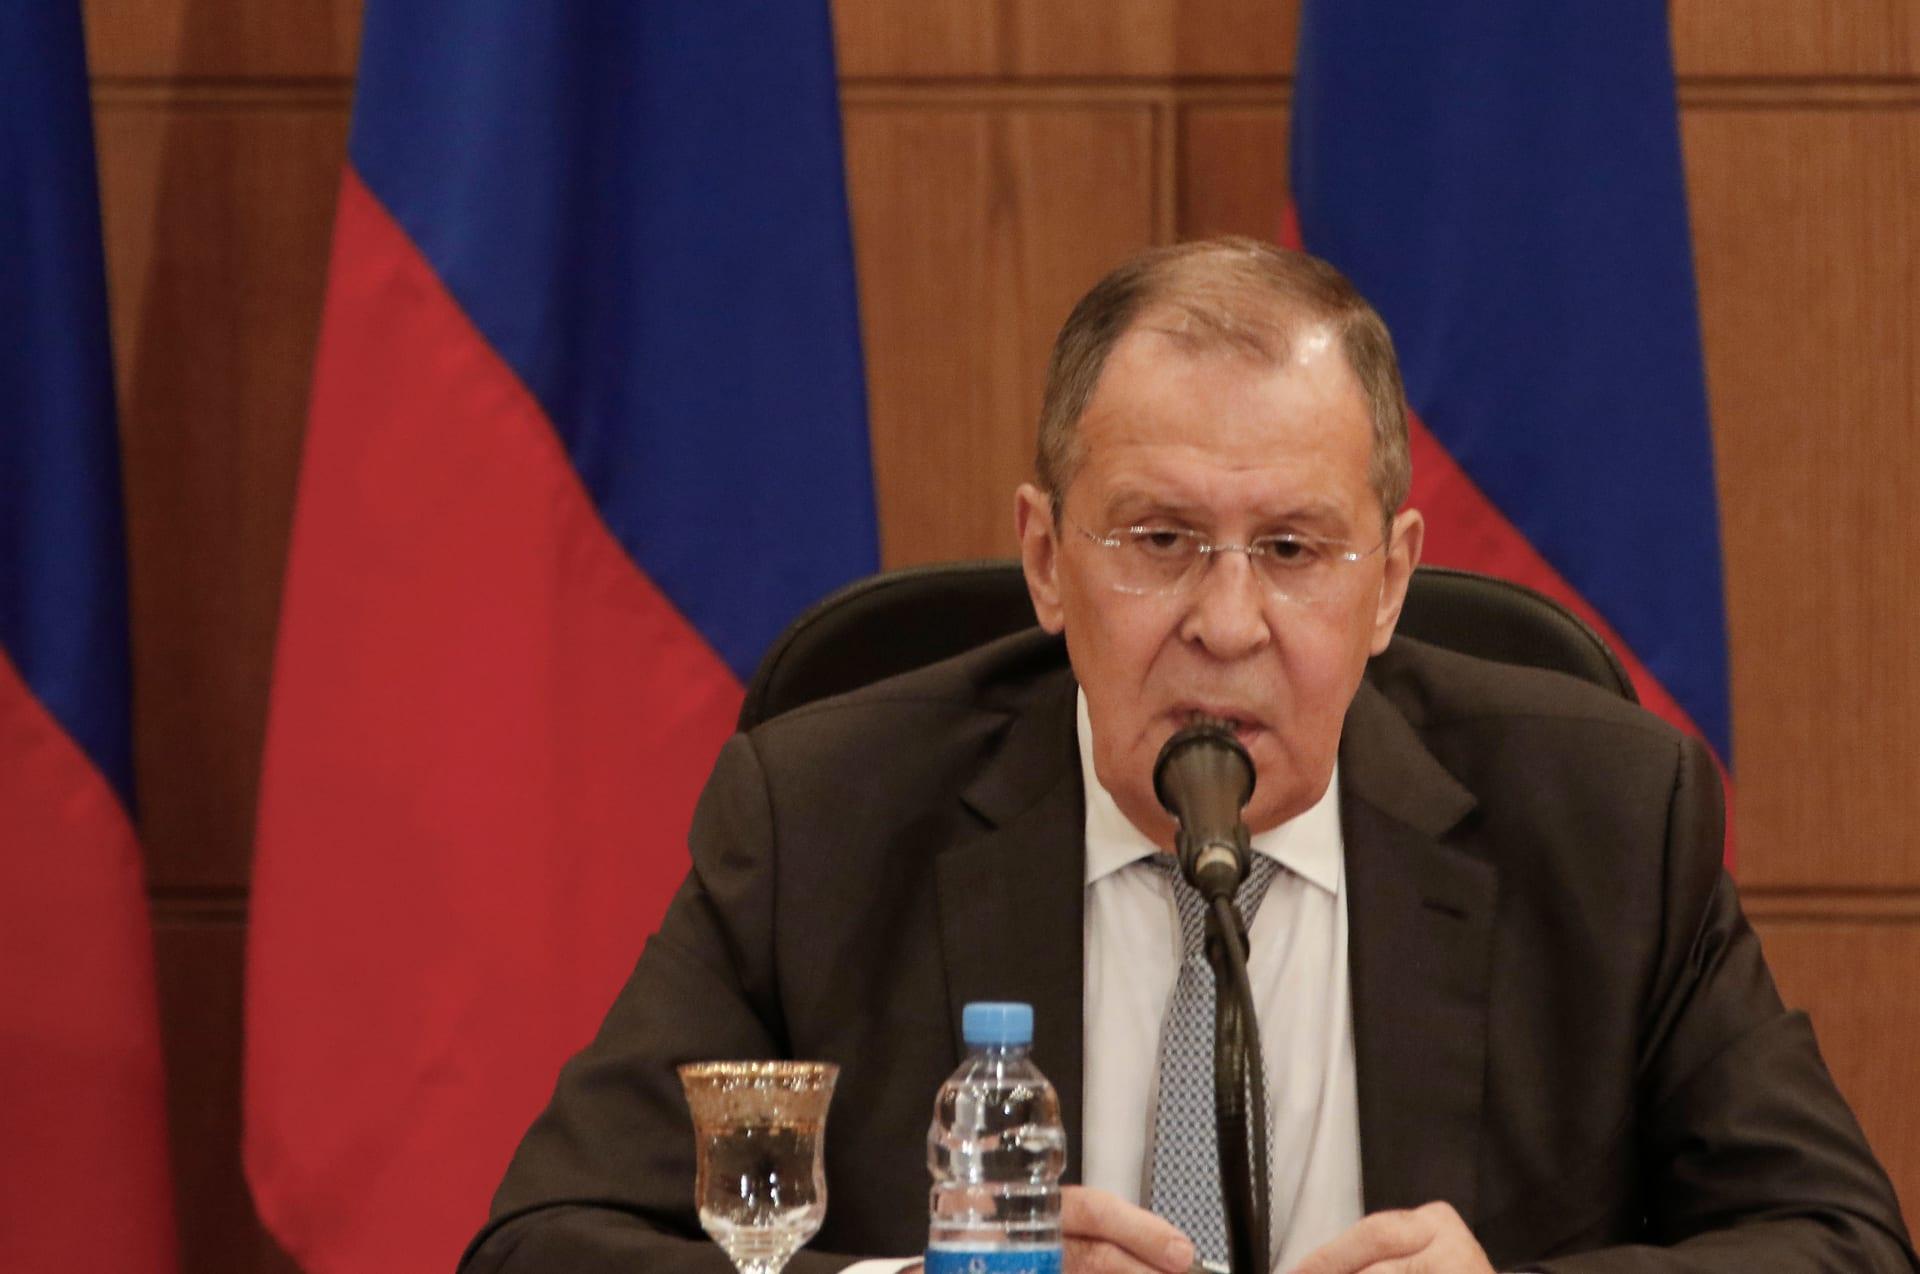 روسيا توصي السفير الأمريكي لدى روسيا بالعودة إلى واشنطن للتشاور